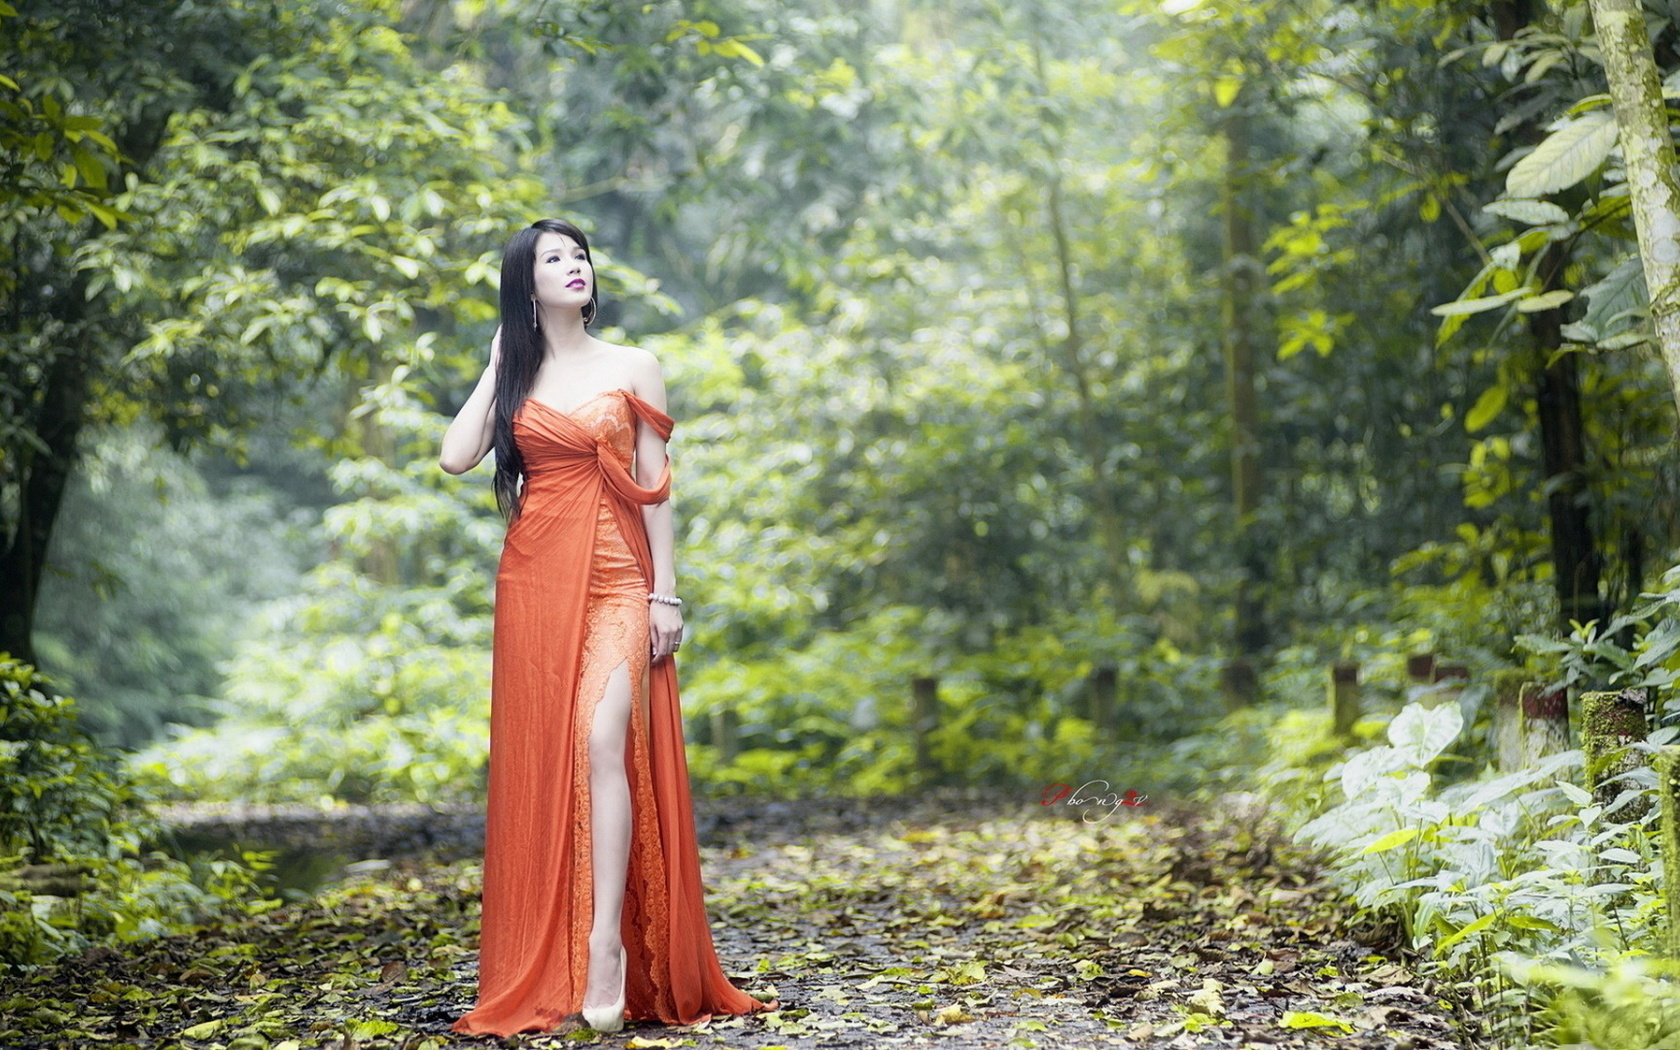 фигура, платье, поза, природа, дорога, секси, лес, деревья, взгляд., барышня, упс,